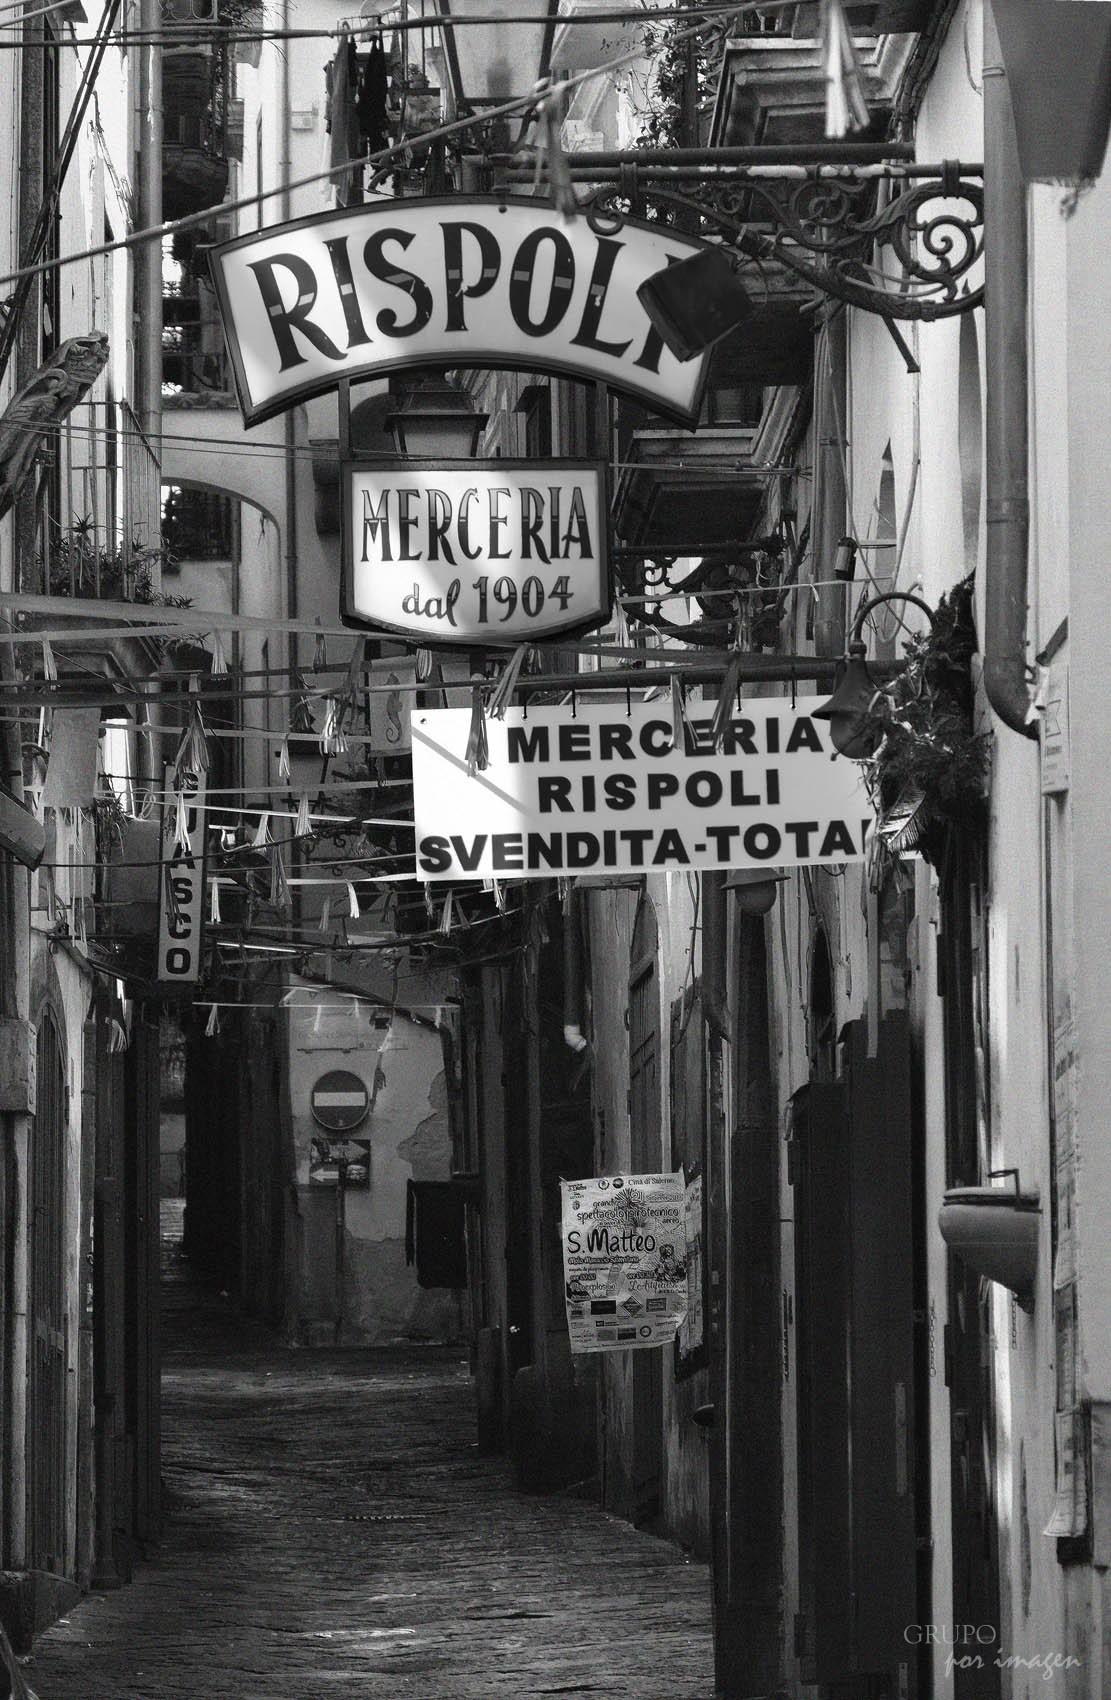 Salerno (Italia) / Efraín David